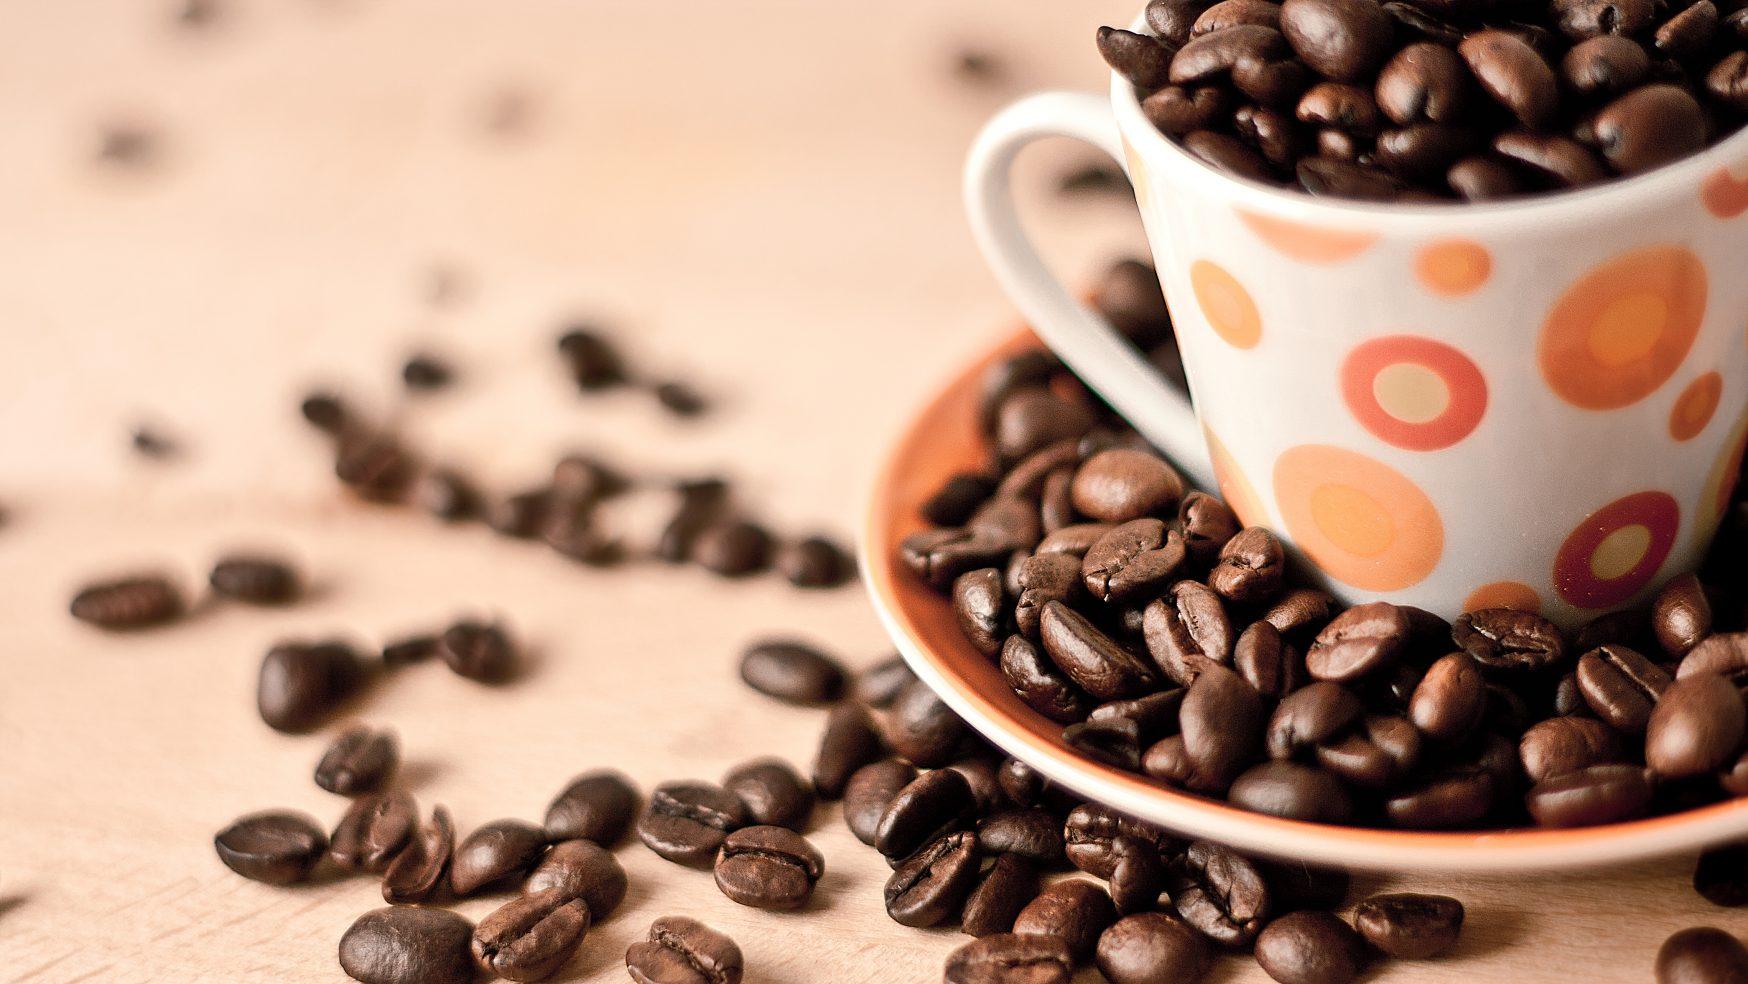 Los efímeros momentos que acompaña el café